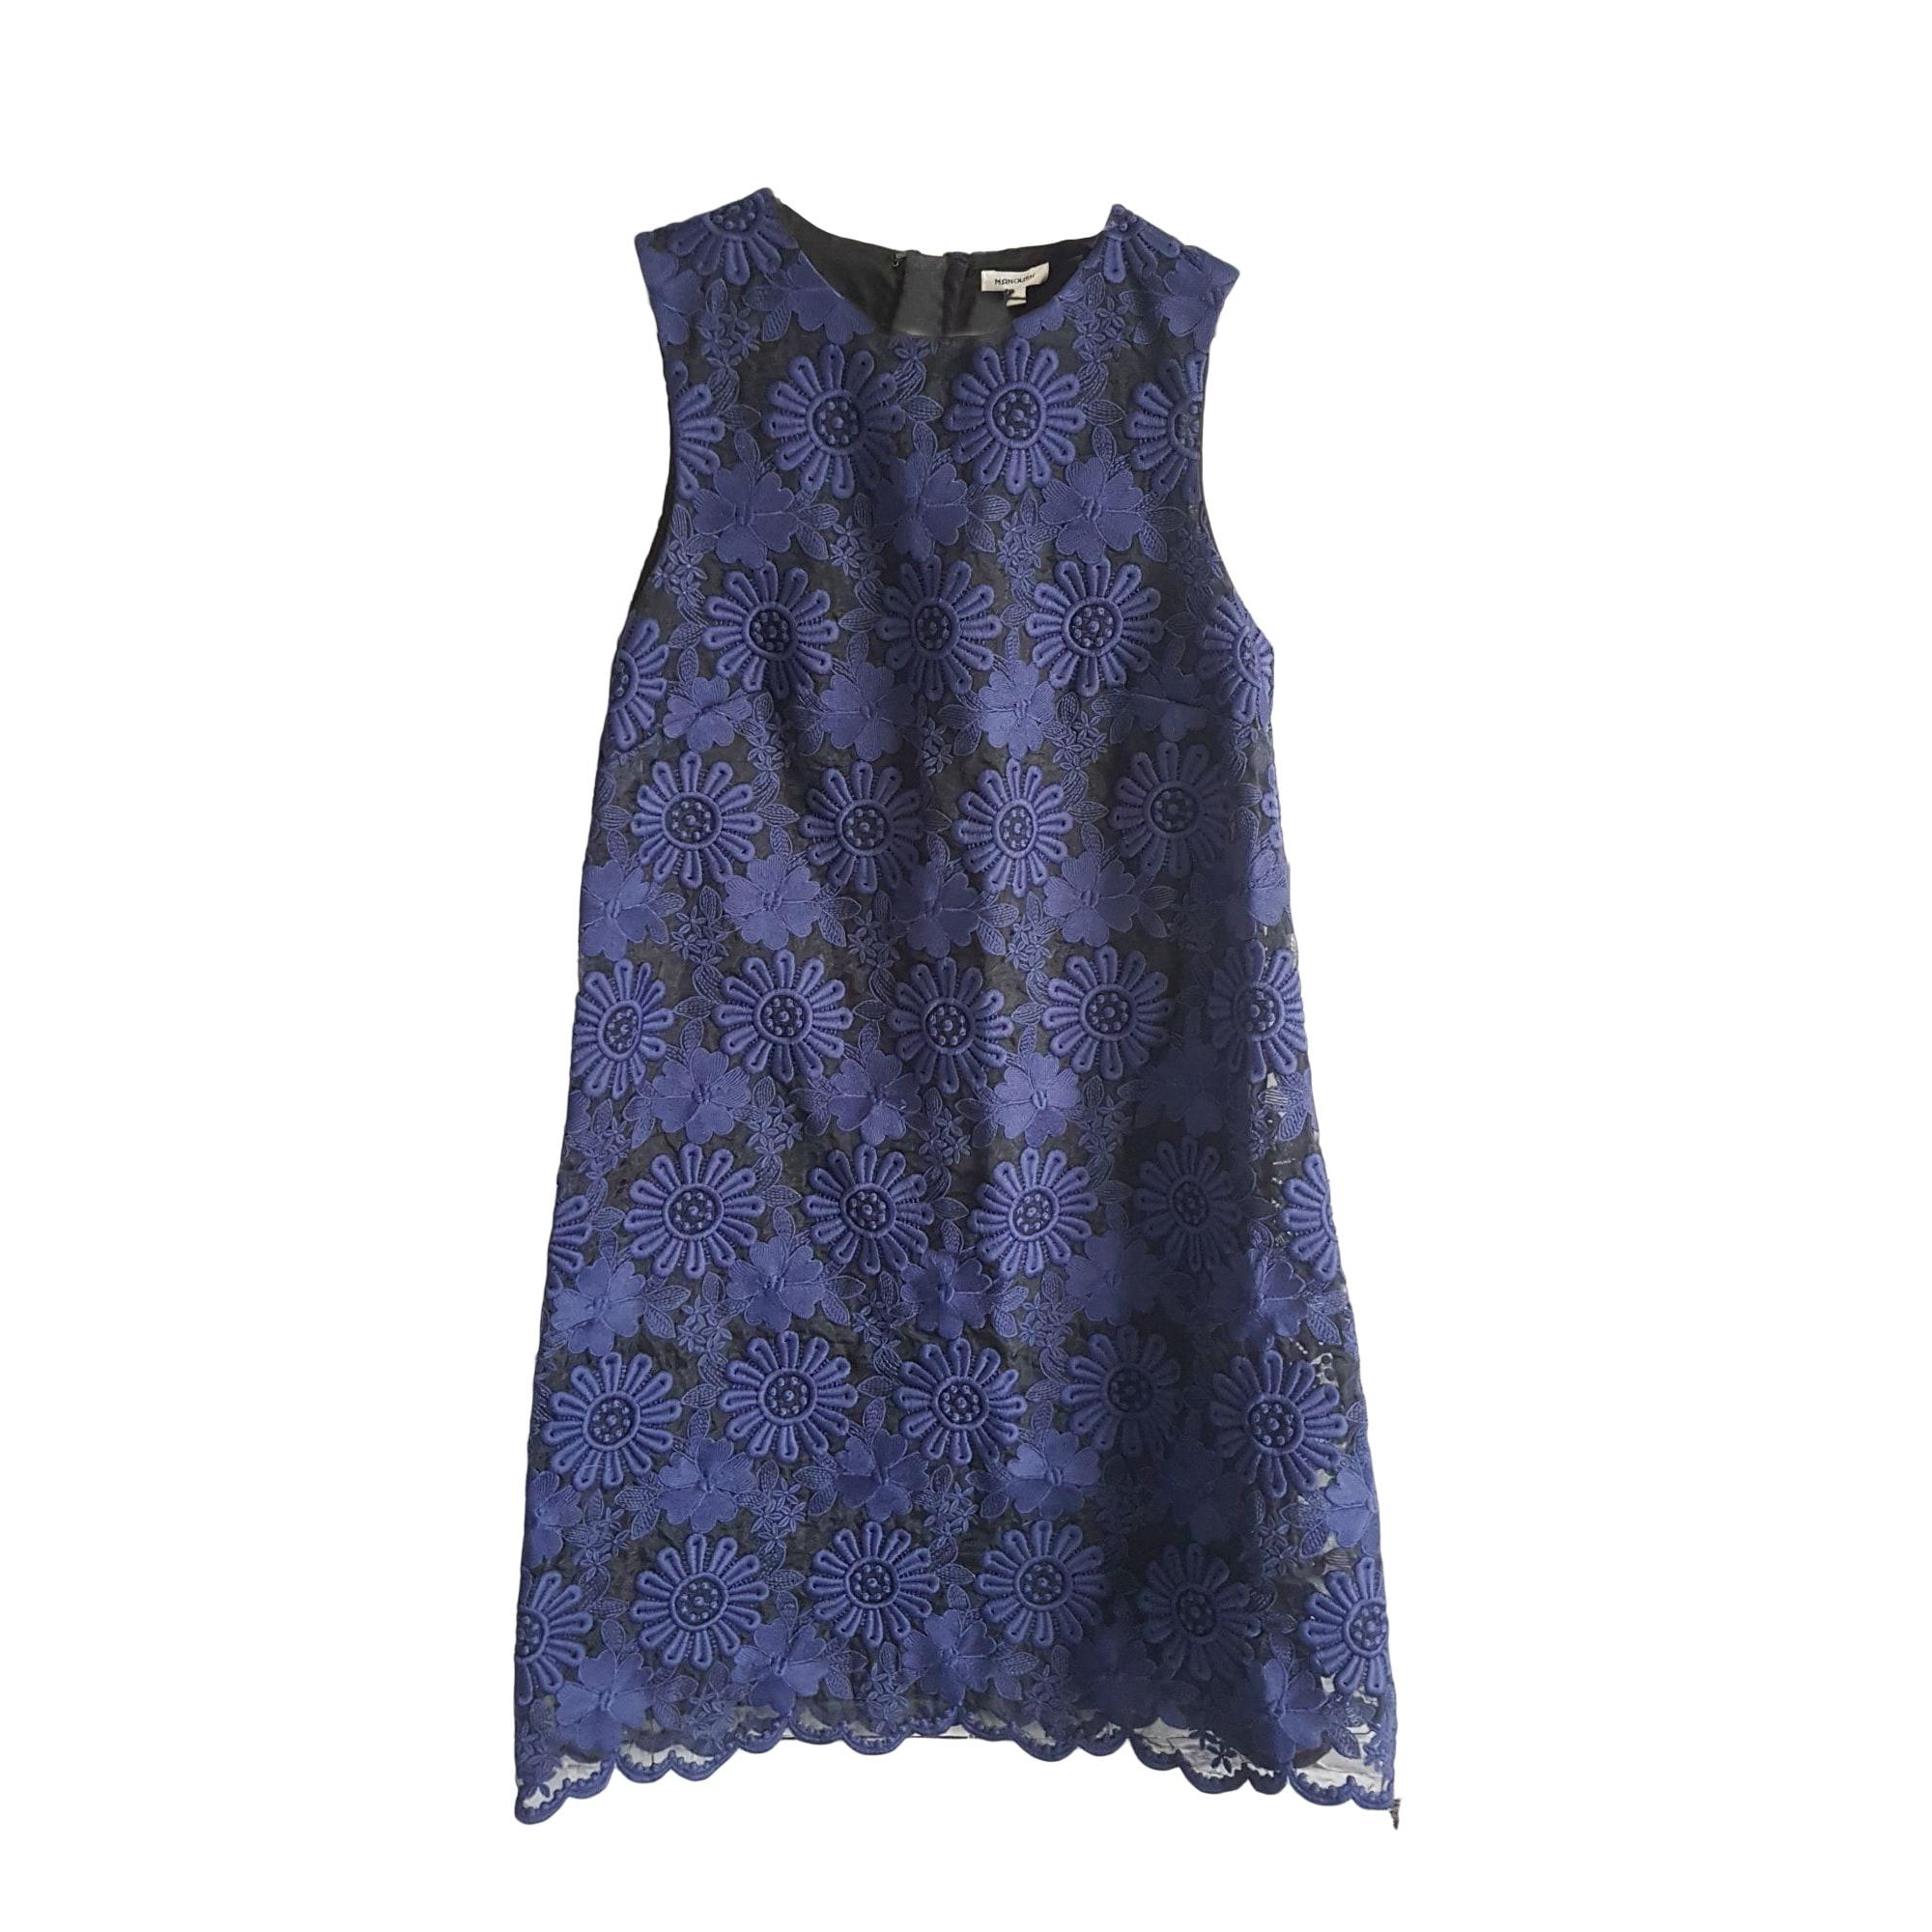 Mini-Kleid MANOUSH Blau, marineblau, türkisblau